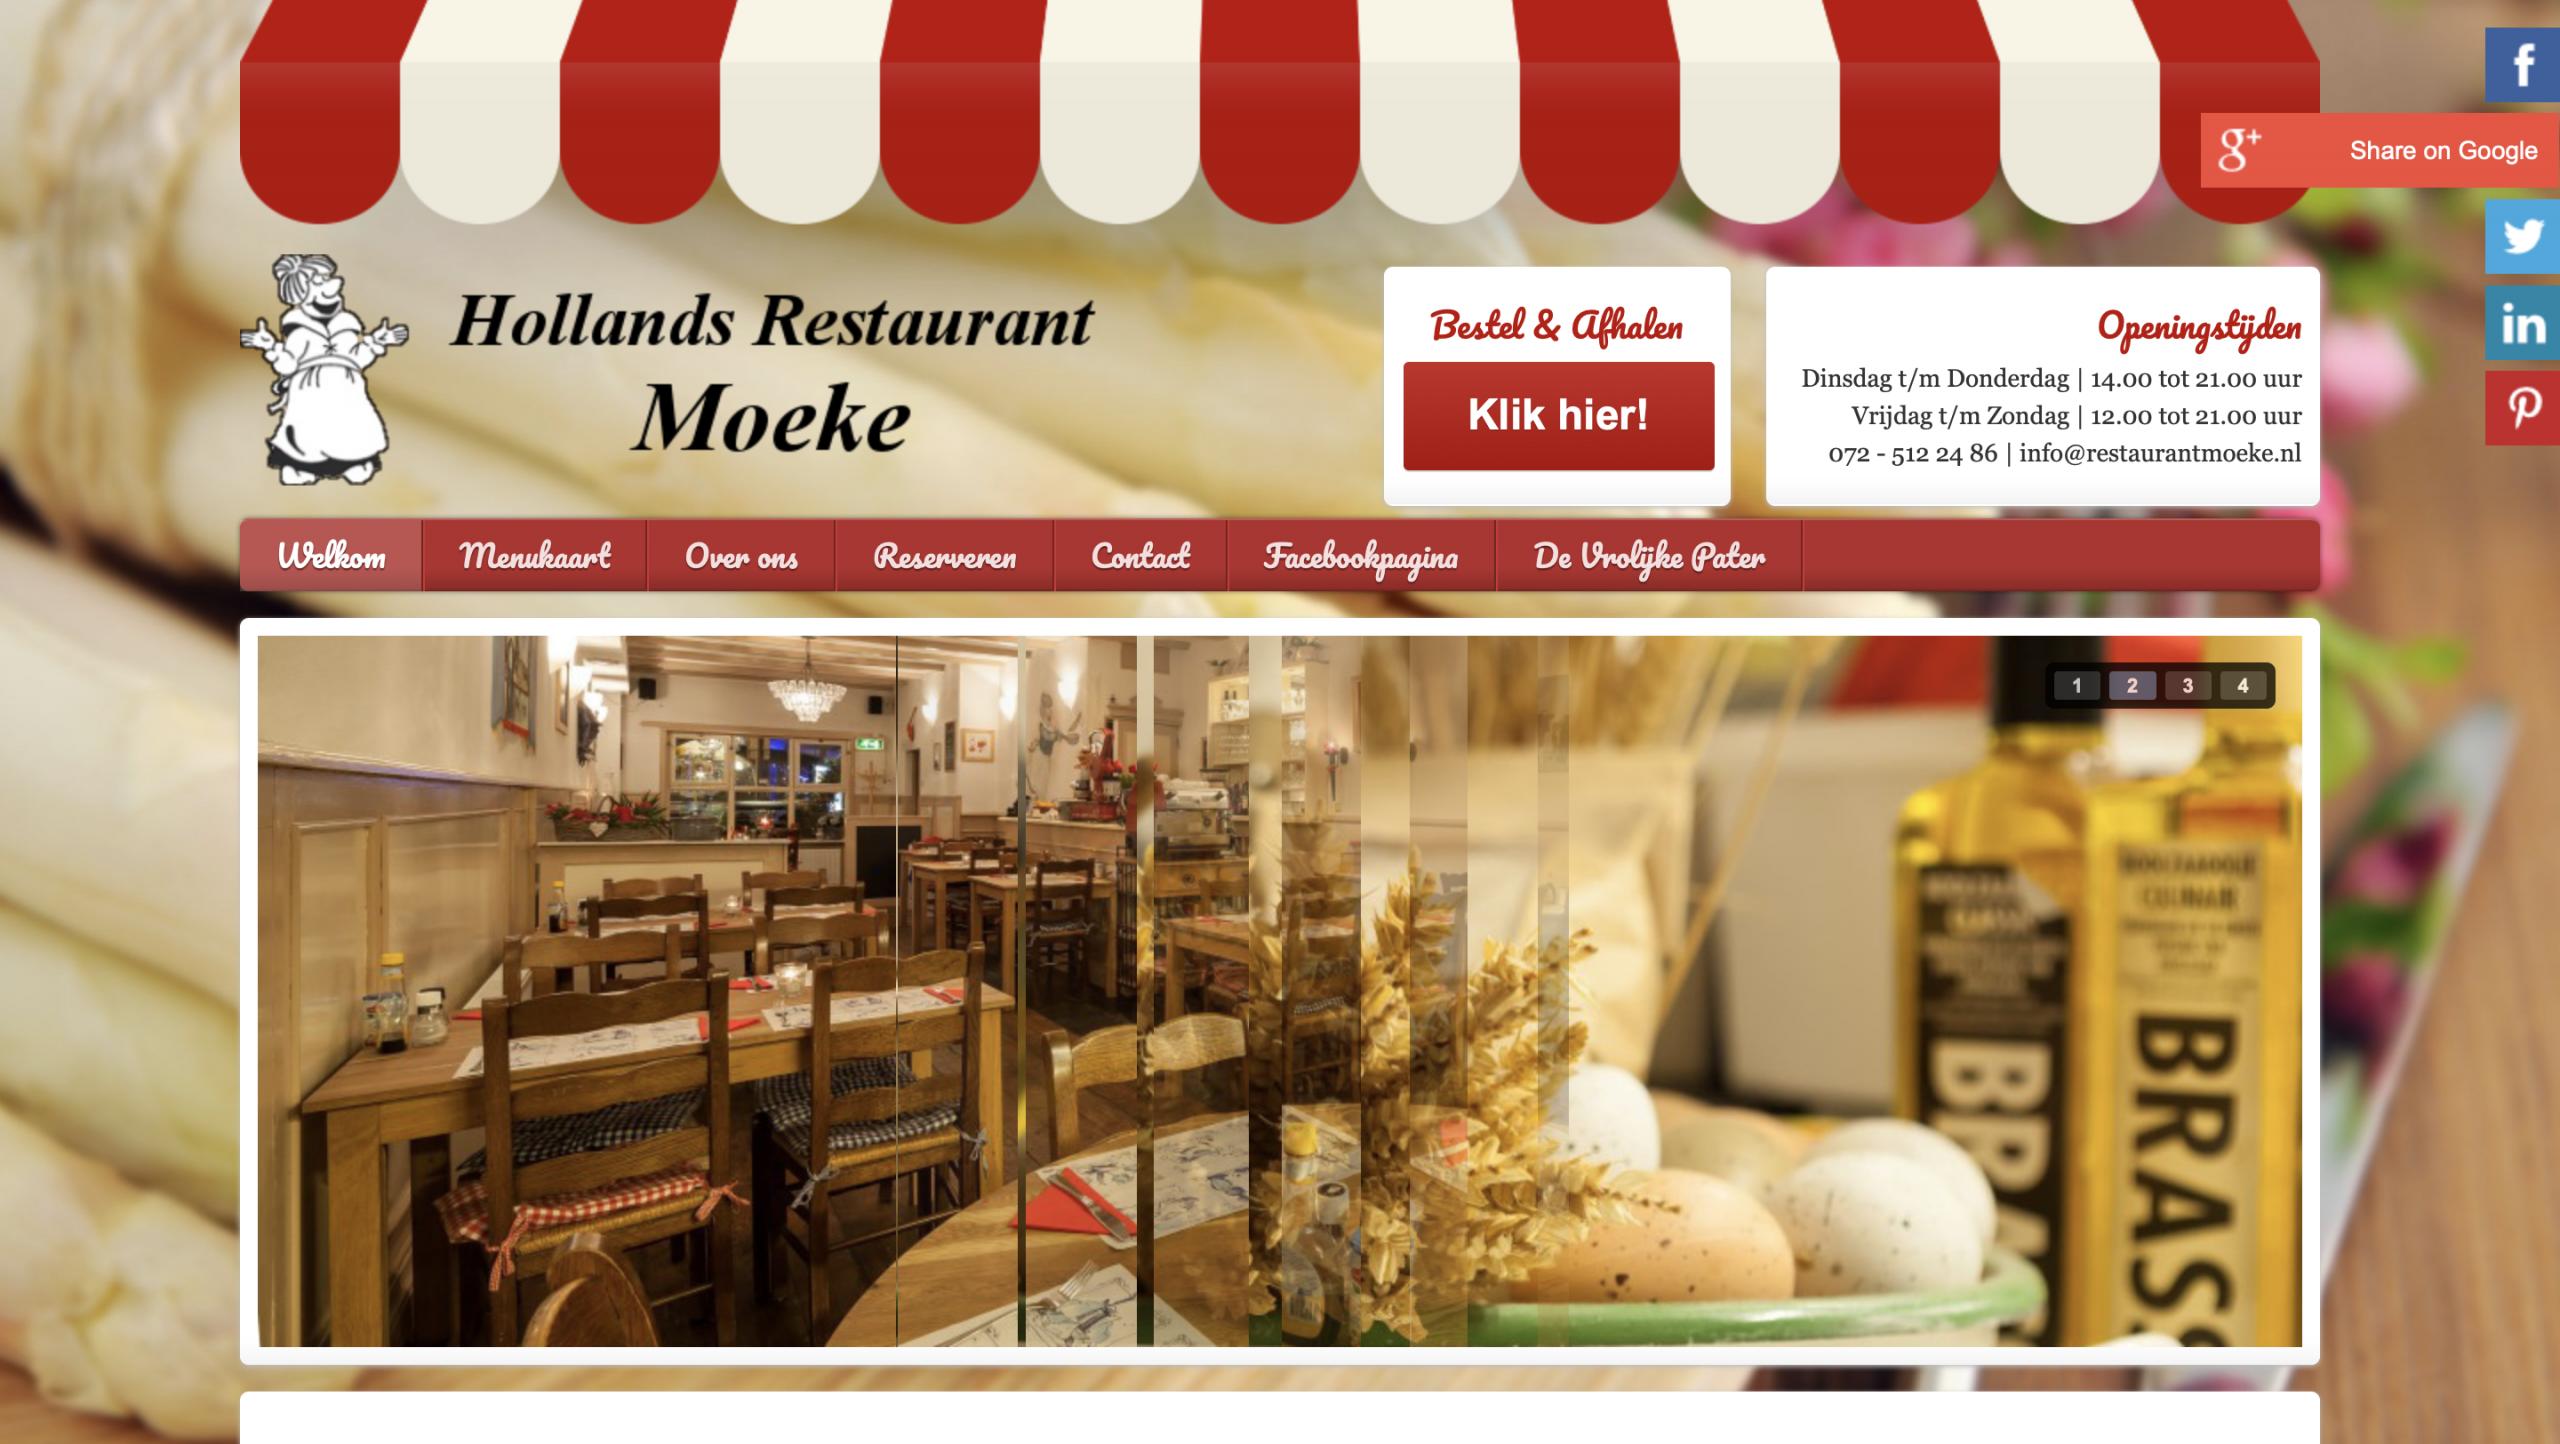 Restaurant Moeke met een order systeem